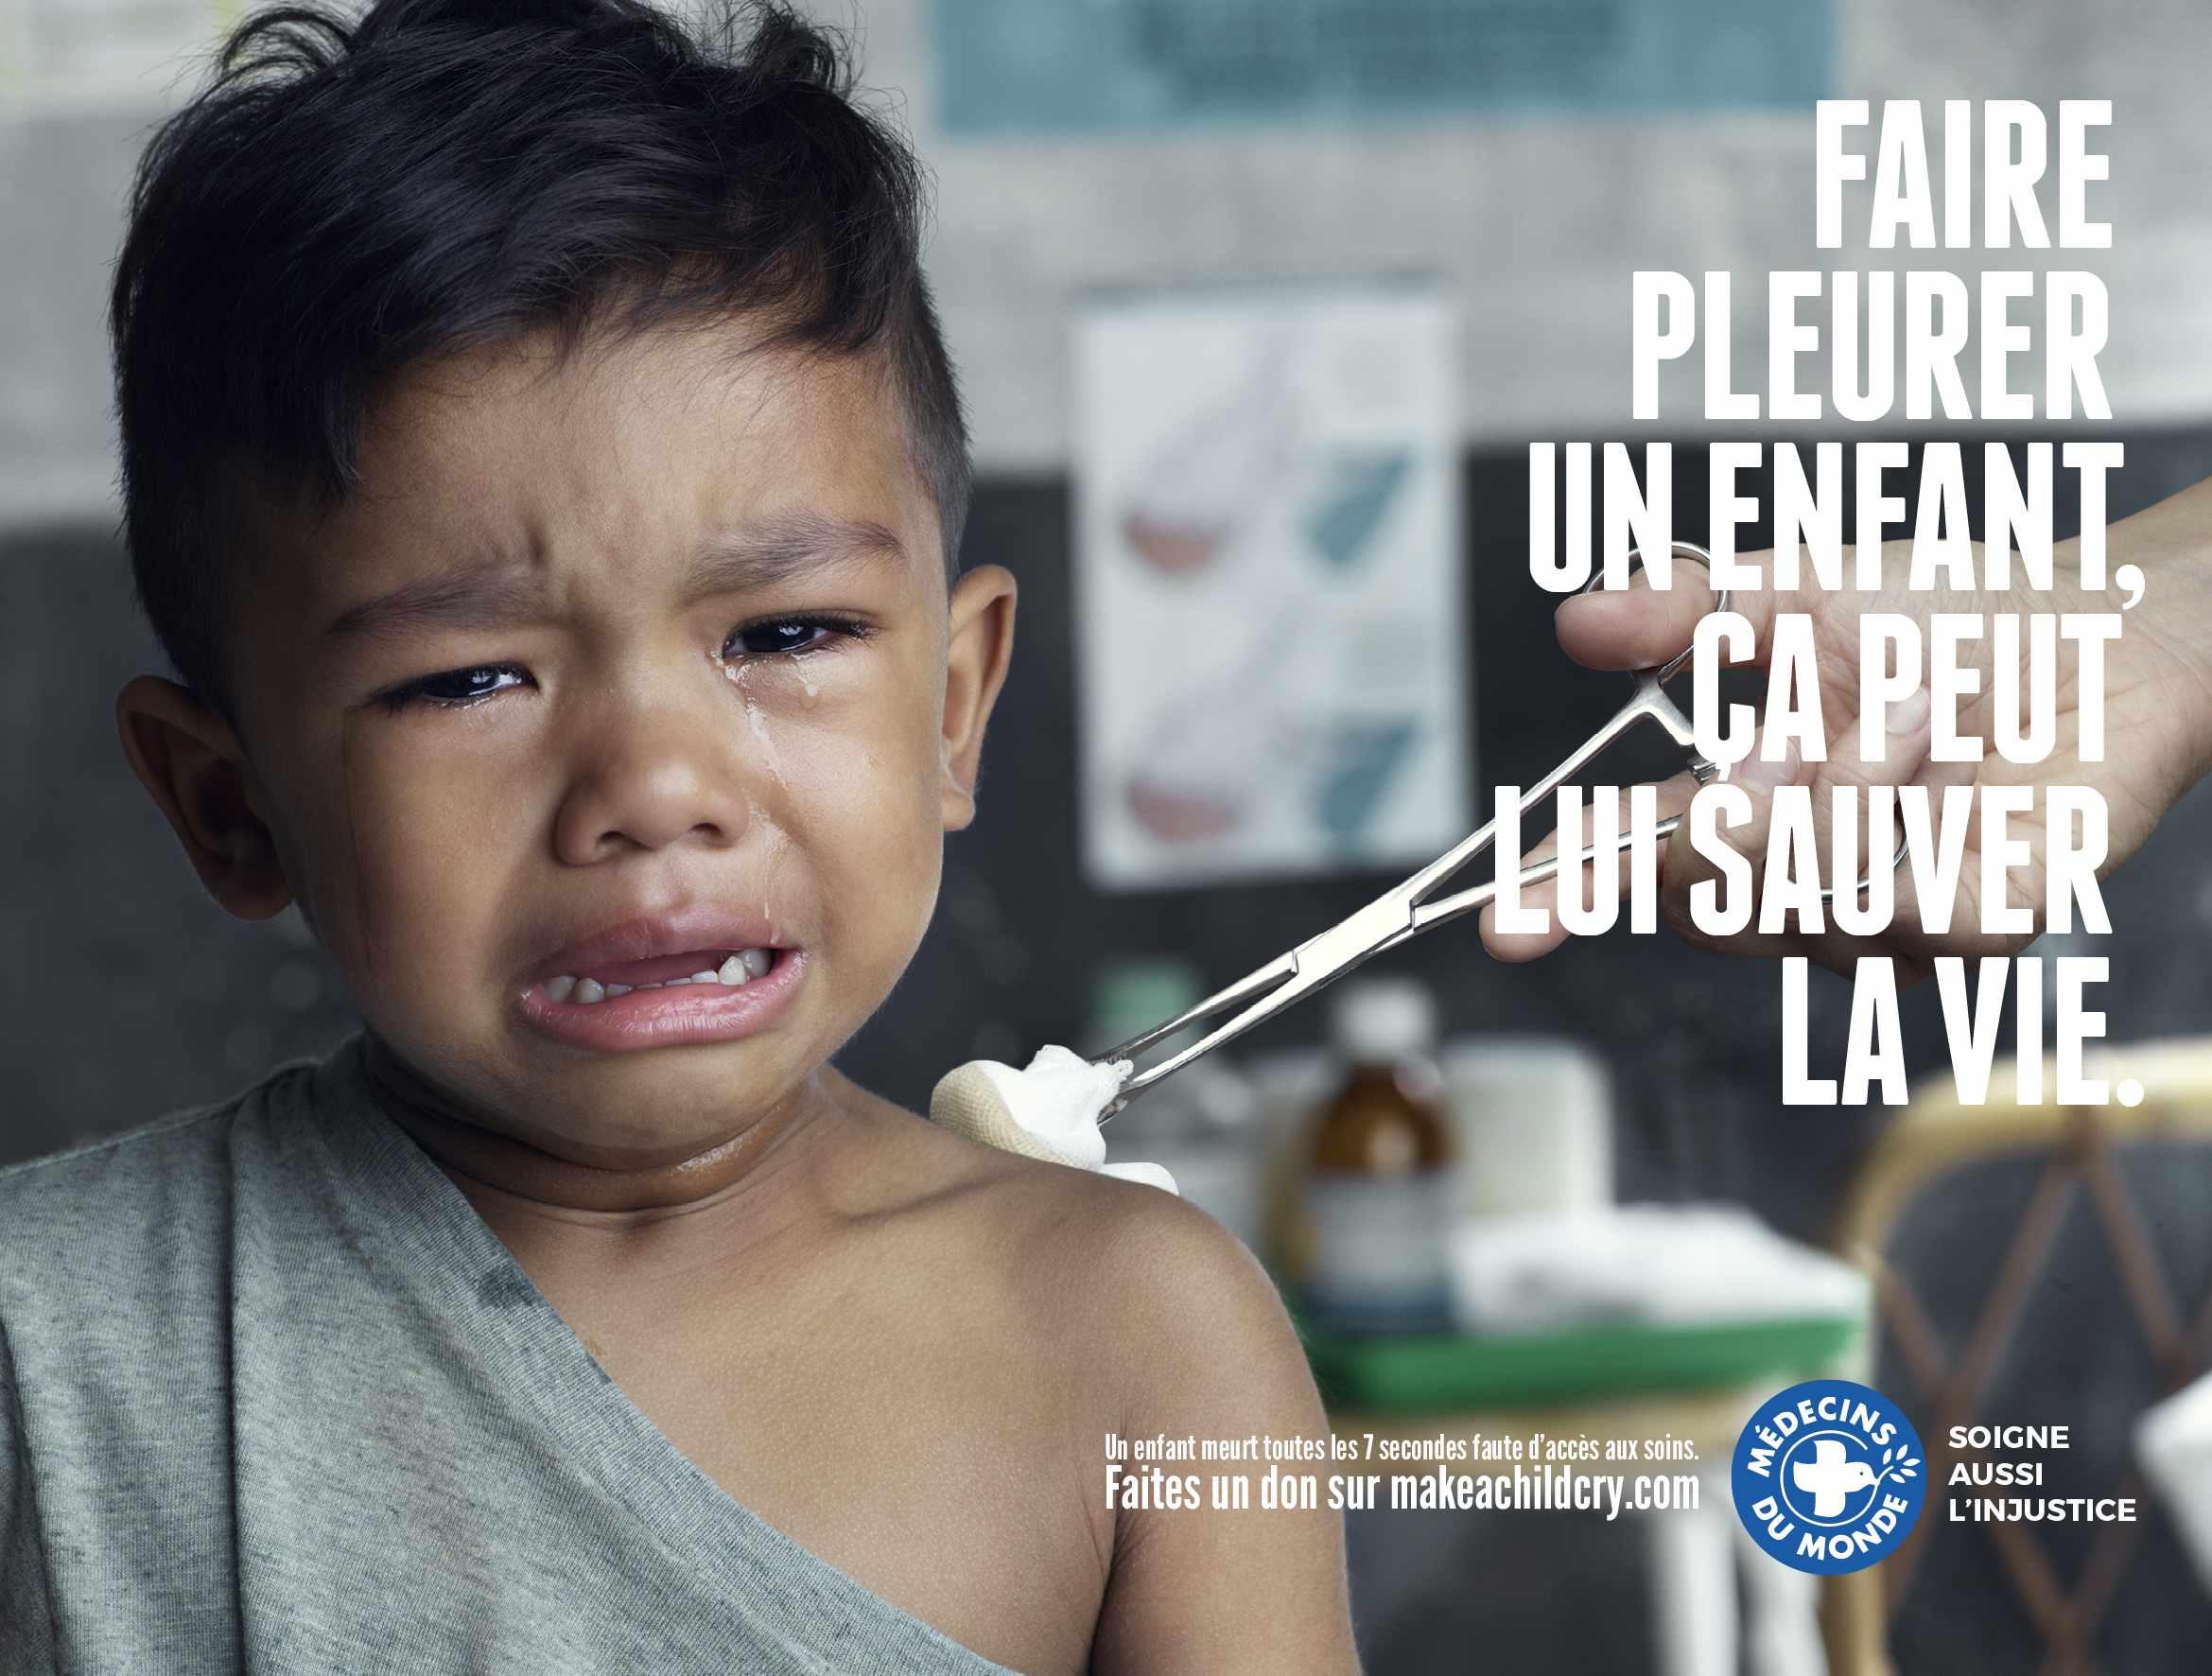 dans-ta-pub-médecins-du-monde-ddb-paris-make-a-child-cry-teasing-makeachildcry-3